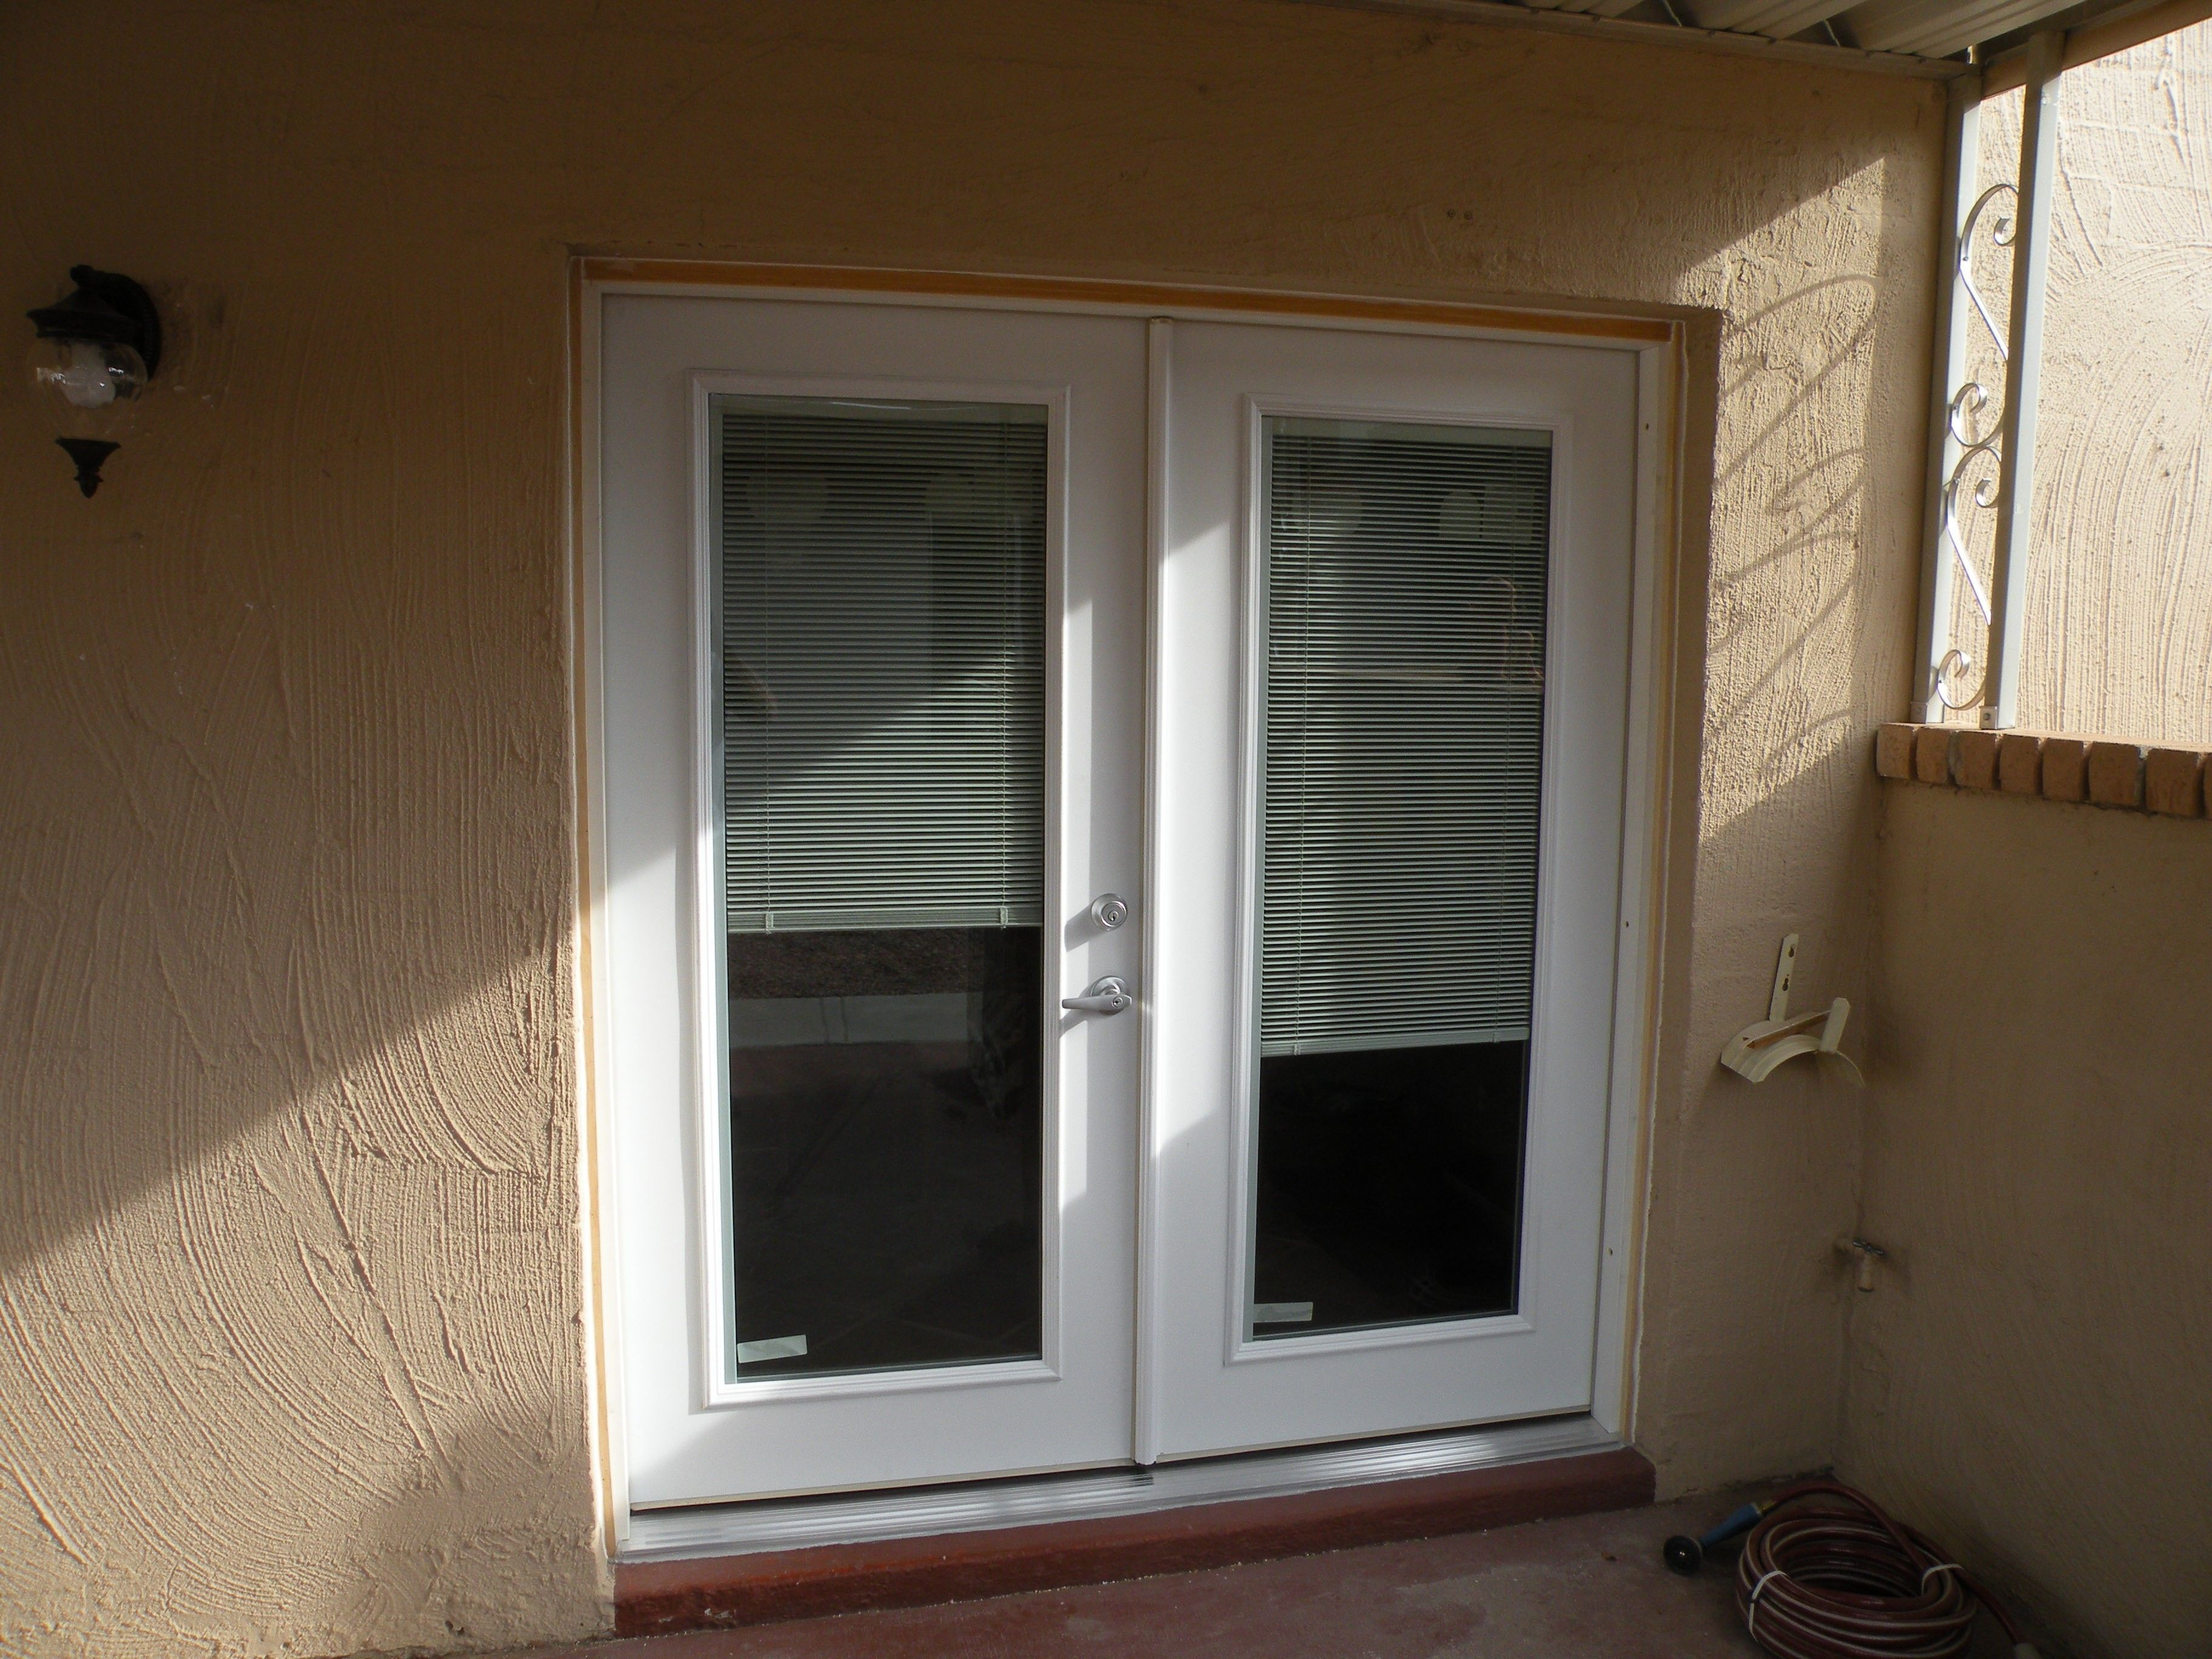 Interior white venetian blinds on bi fold white framed glass door